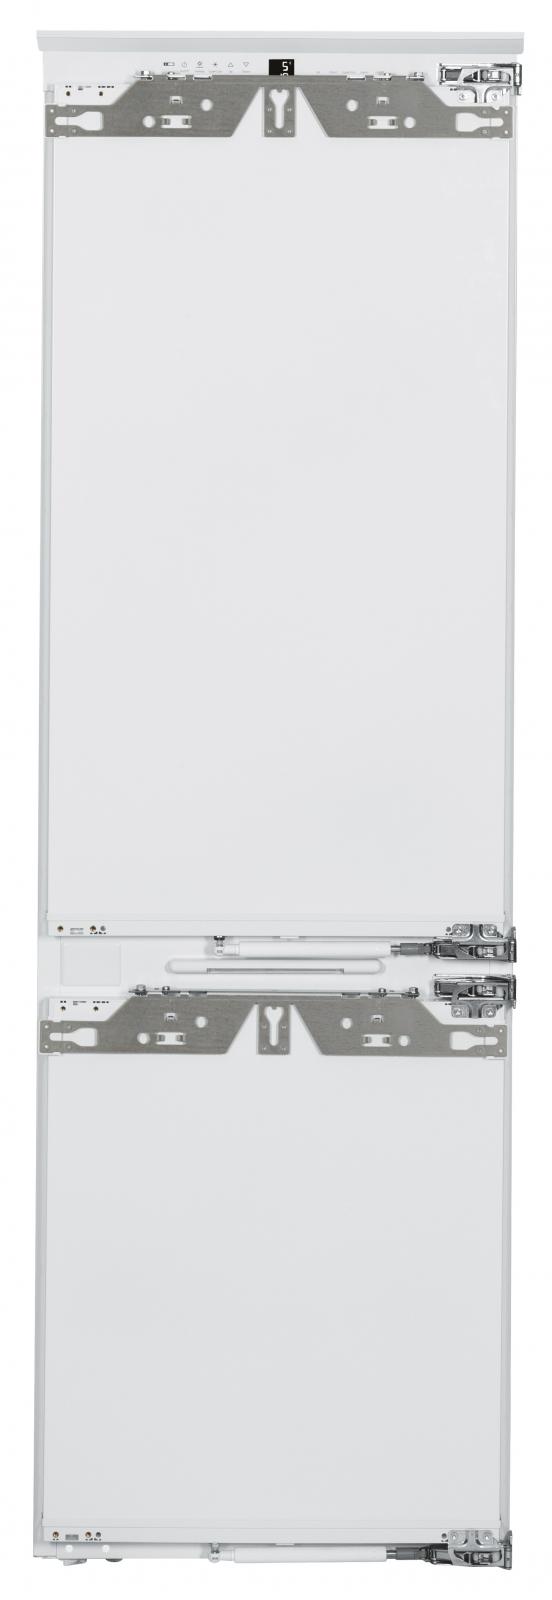 купить Встраиваемый двухкамерный холодильник Liebherr ICBN 3386 Украина фото 2